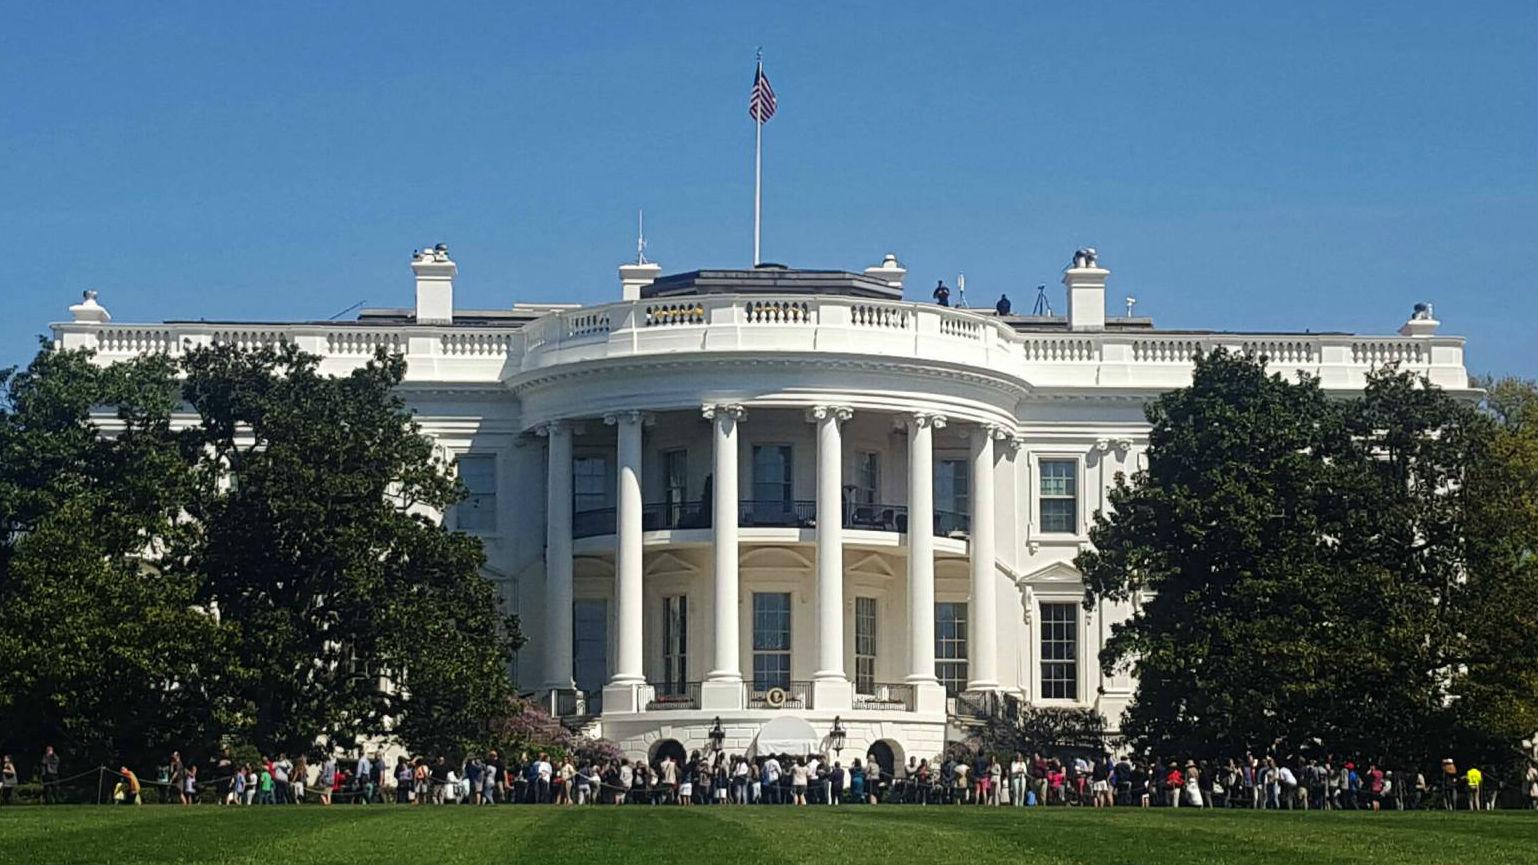 美一男子被捕:欲用反坦克火箭袭击白宫 曾向FBI卧底买装备